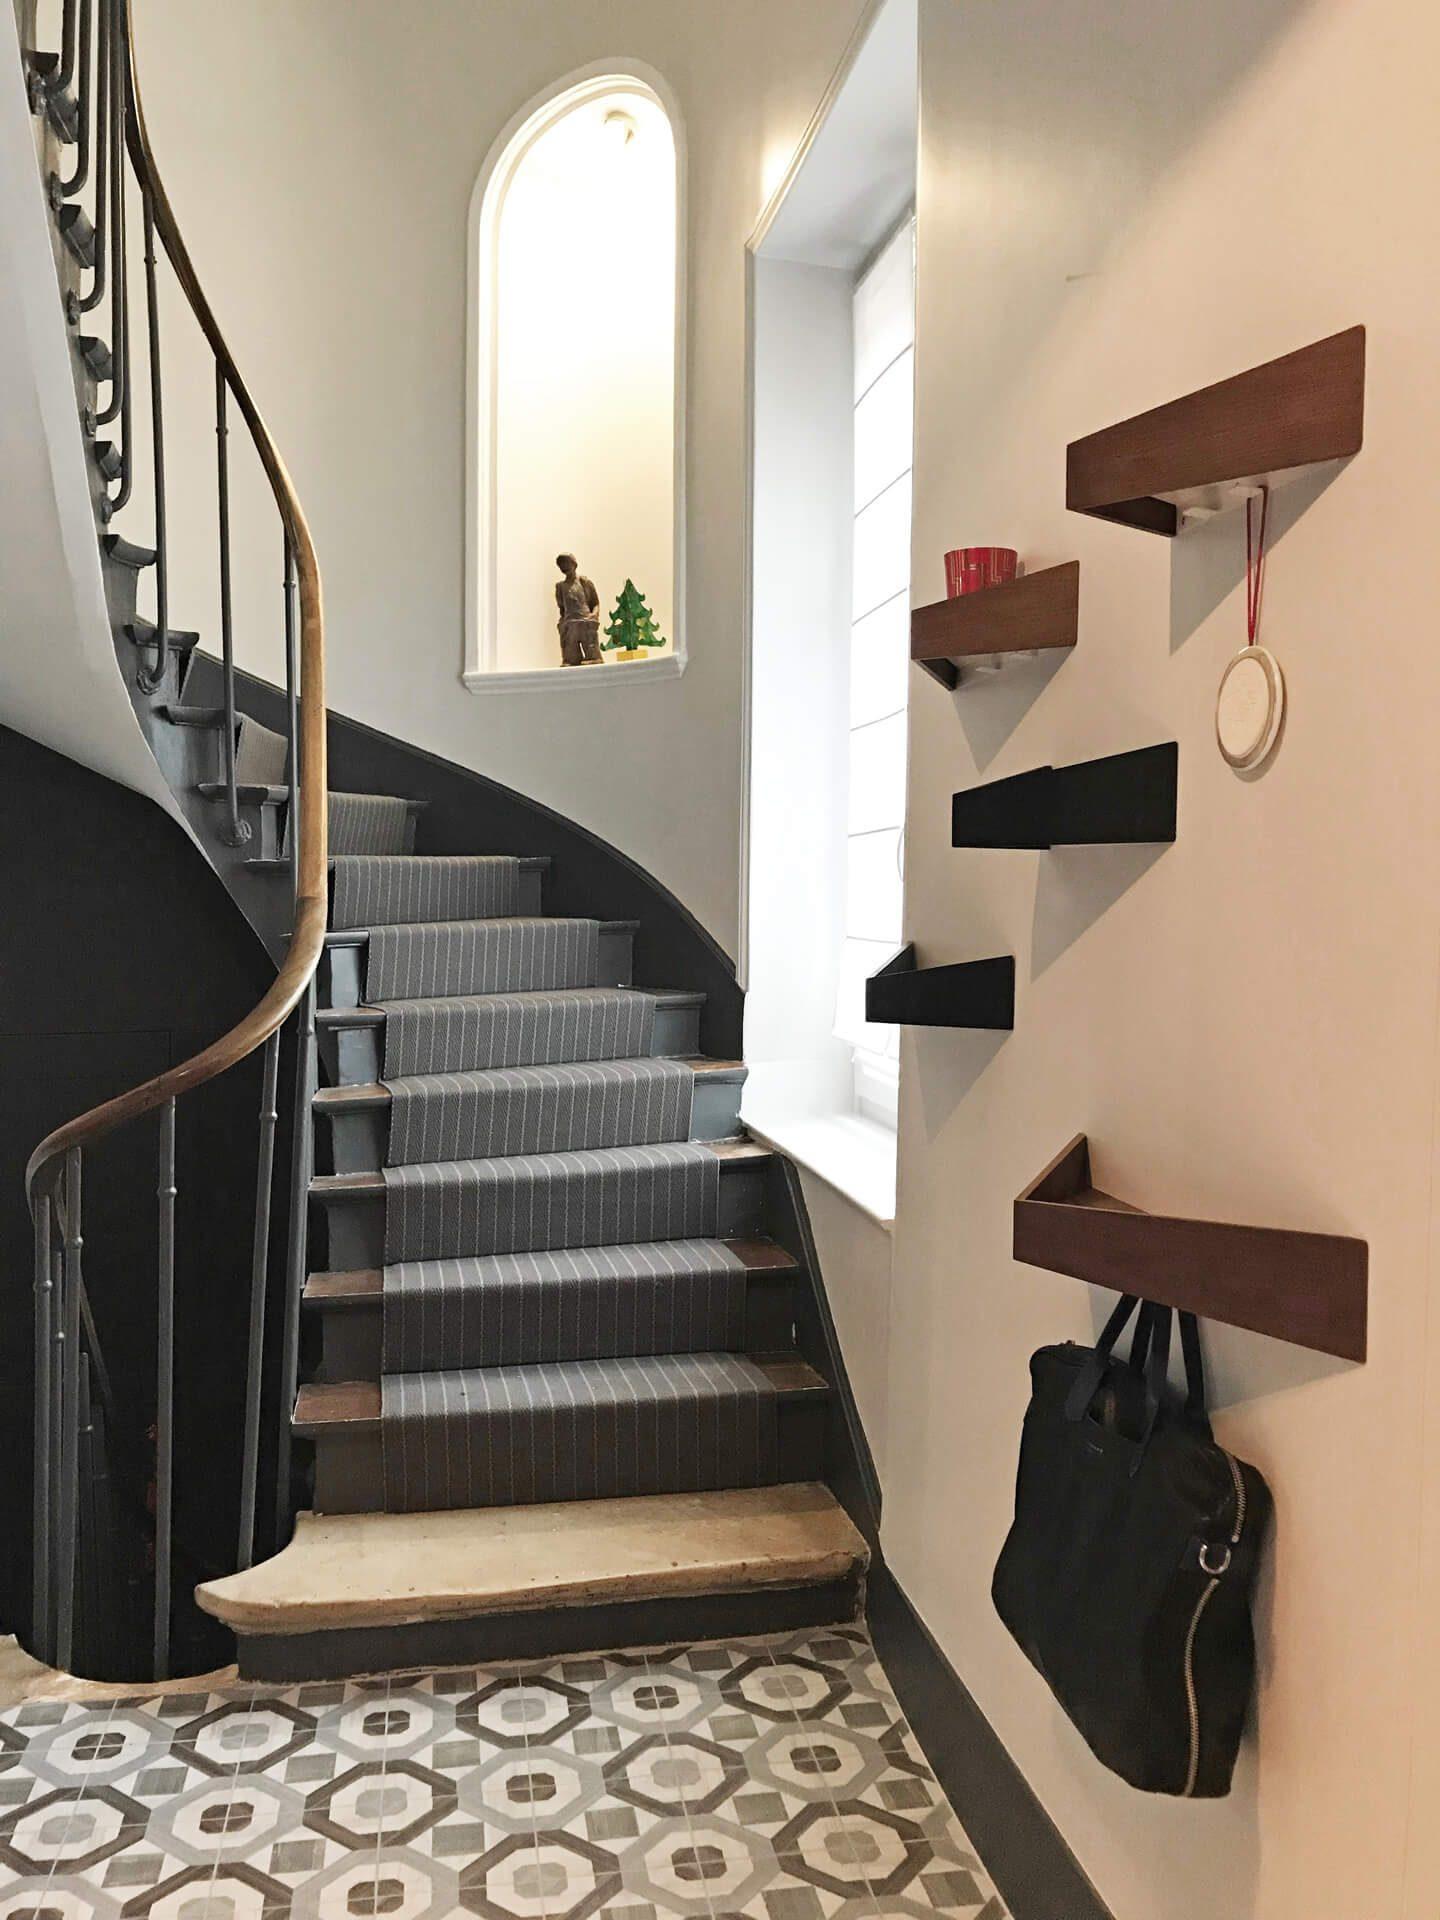 Maison de maître | Design d'Intérieur | Décoration & Architecture Intérieure